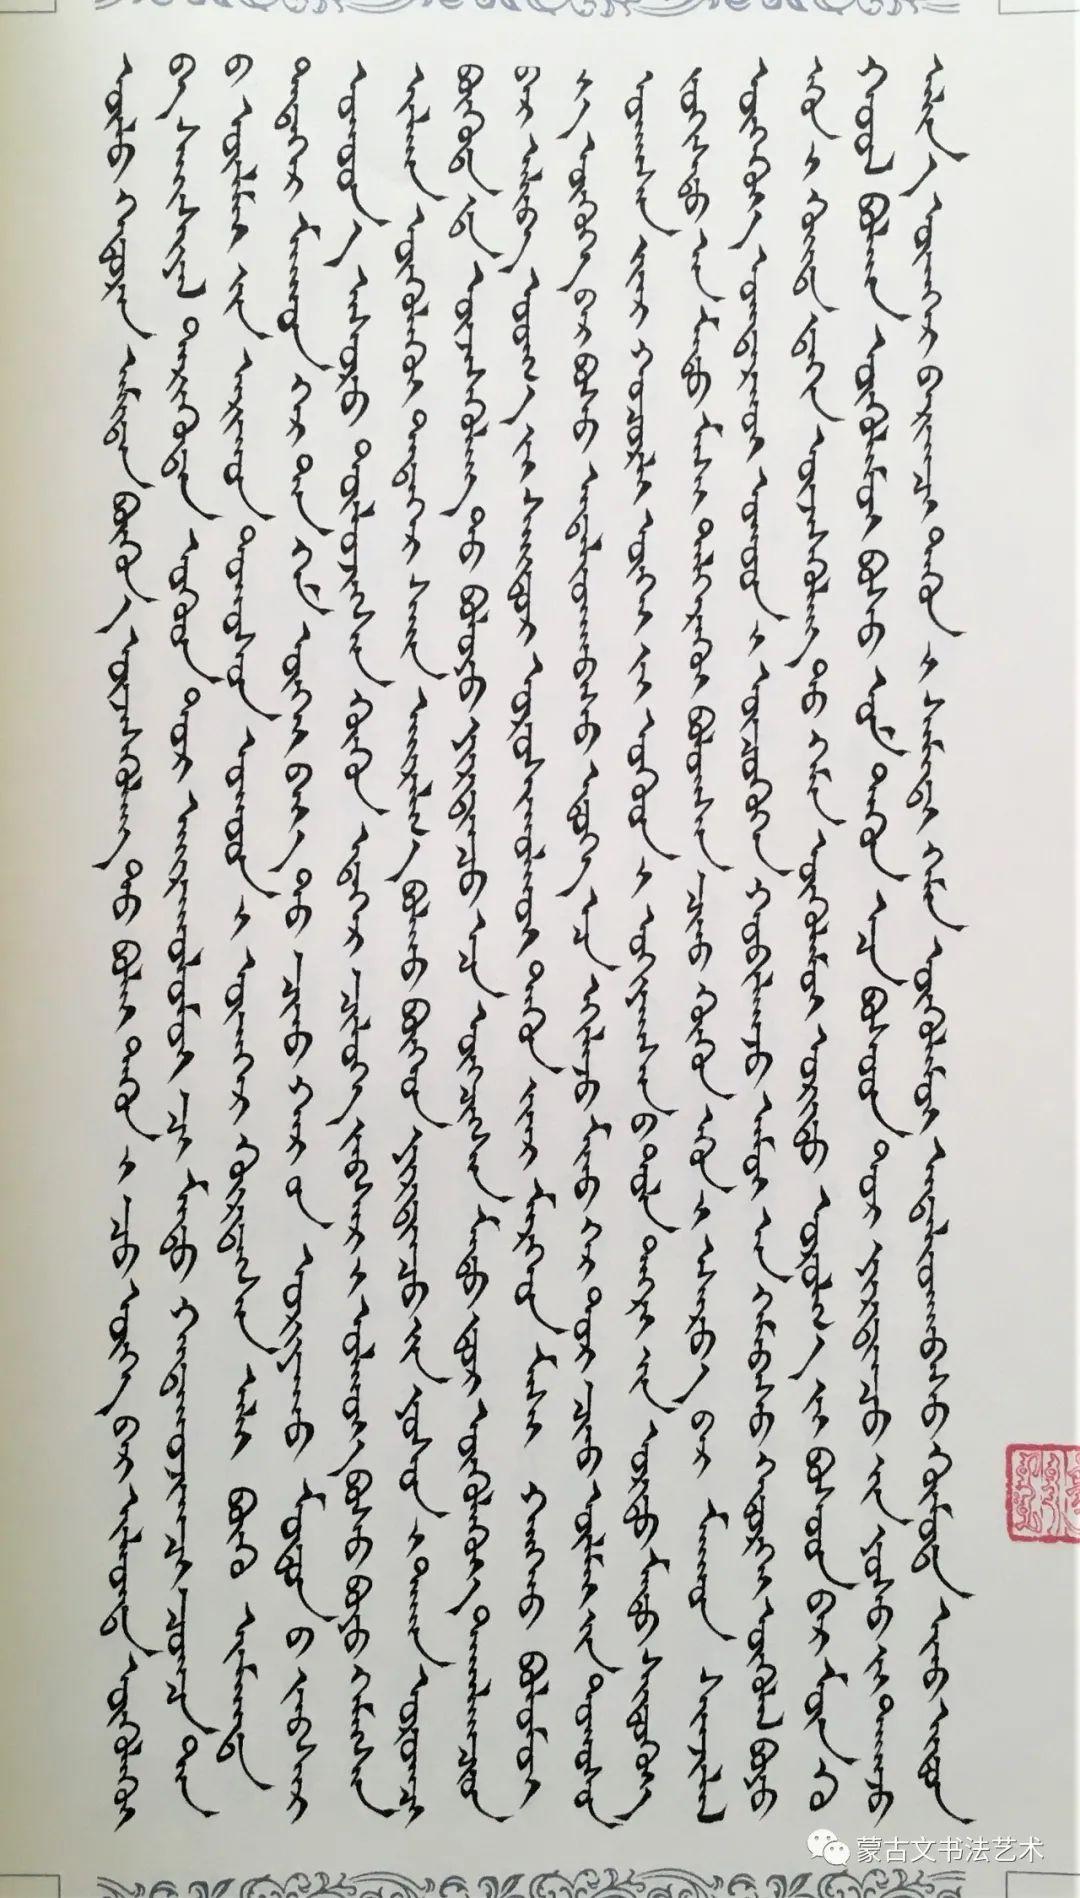 戴海琴楷书《诗镜论》 第6张 戴海琴楷书《诗镜论》 蒙古书法